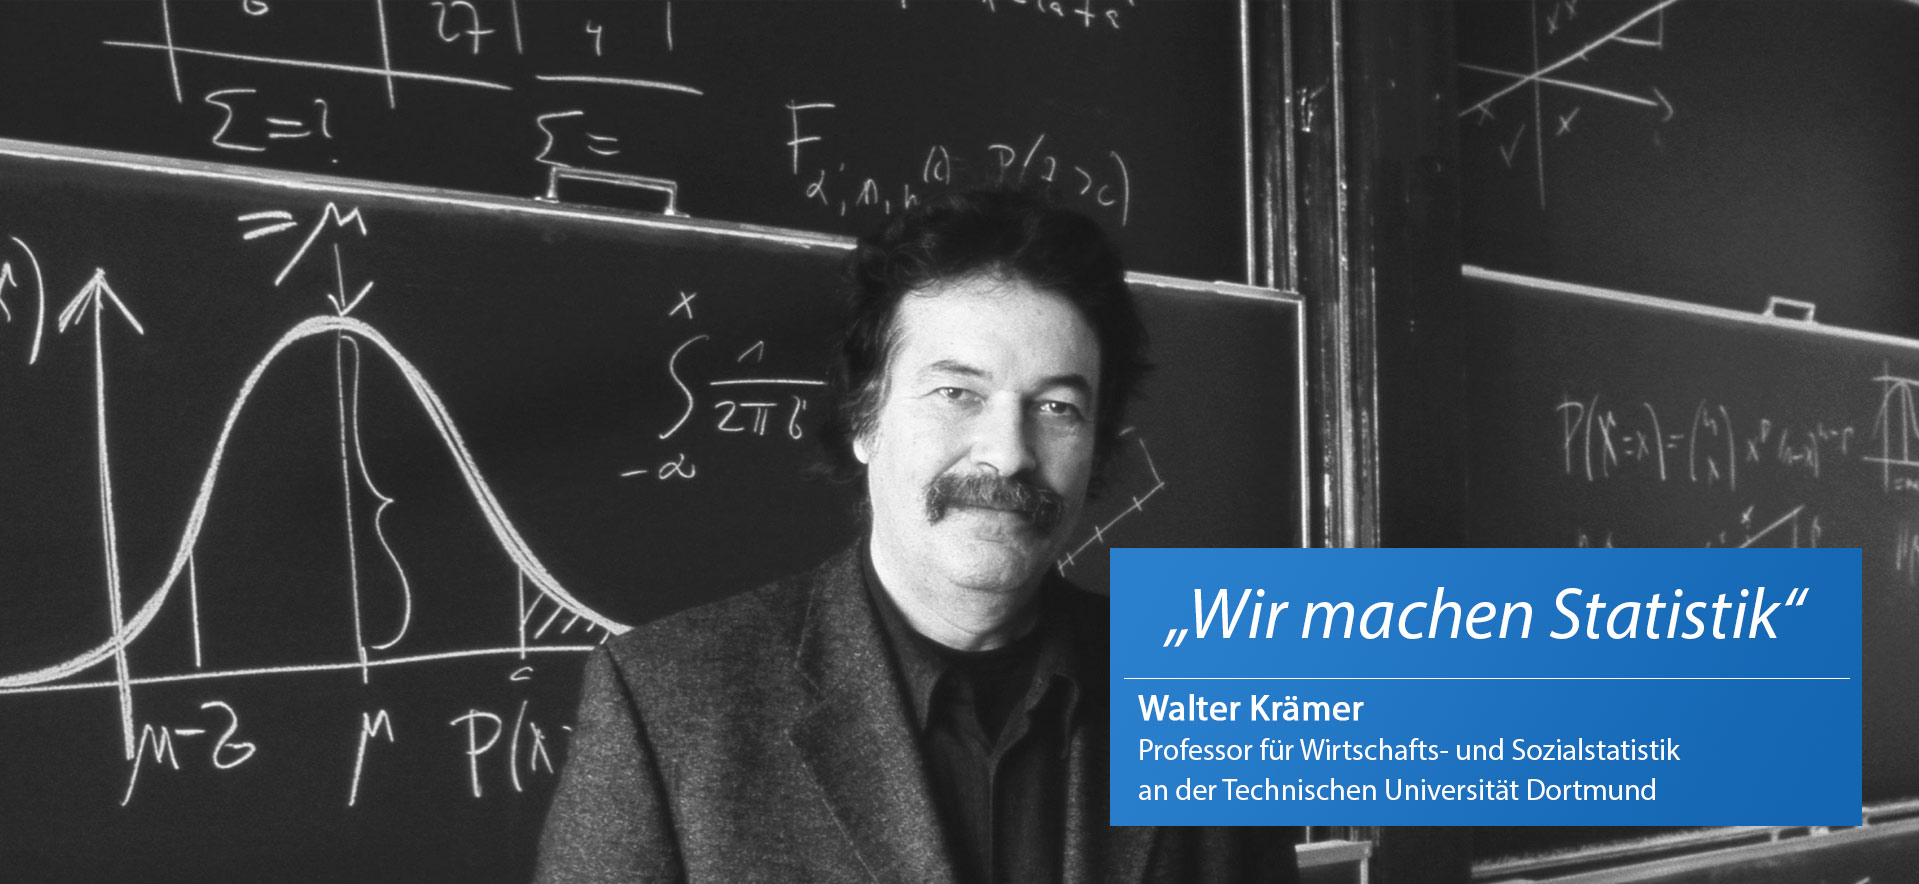 slider_w_kraemer